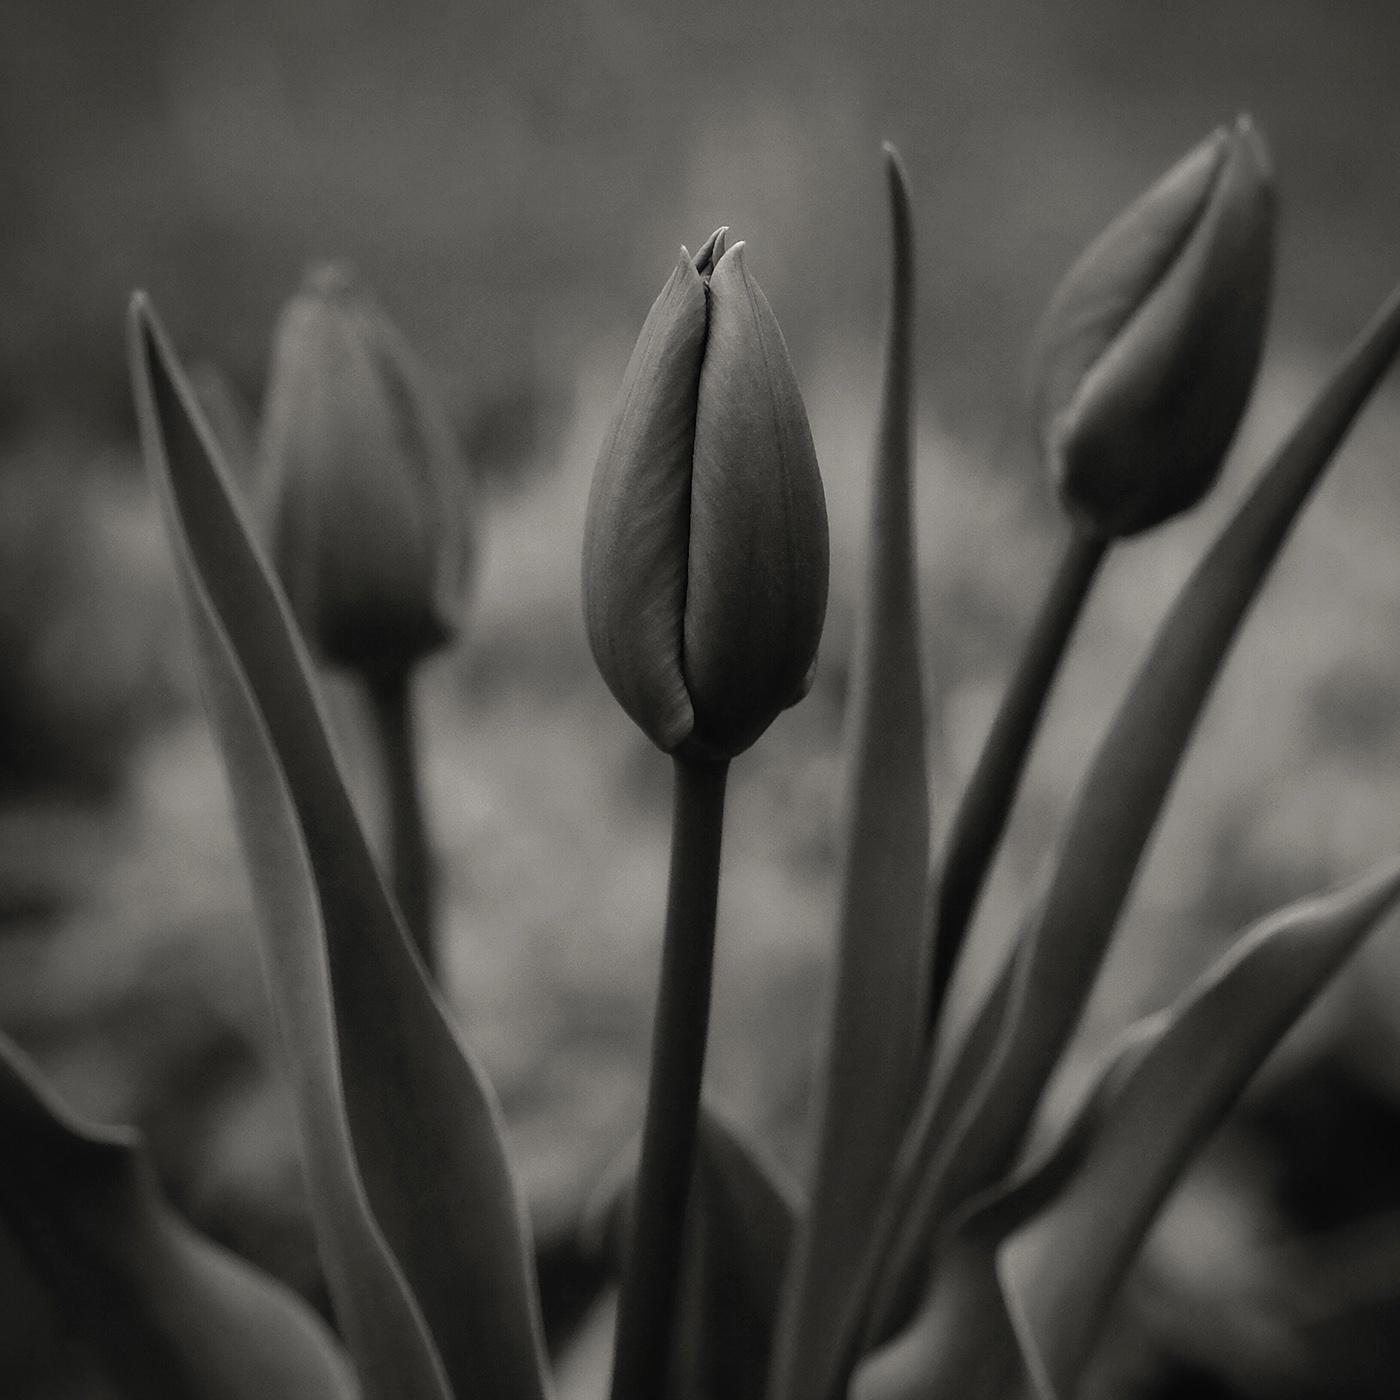 DBS_Tulips04.jpg